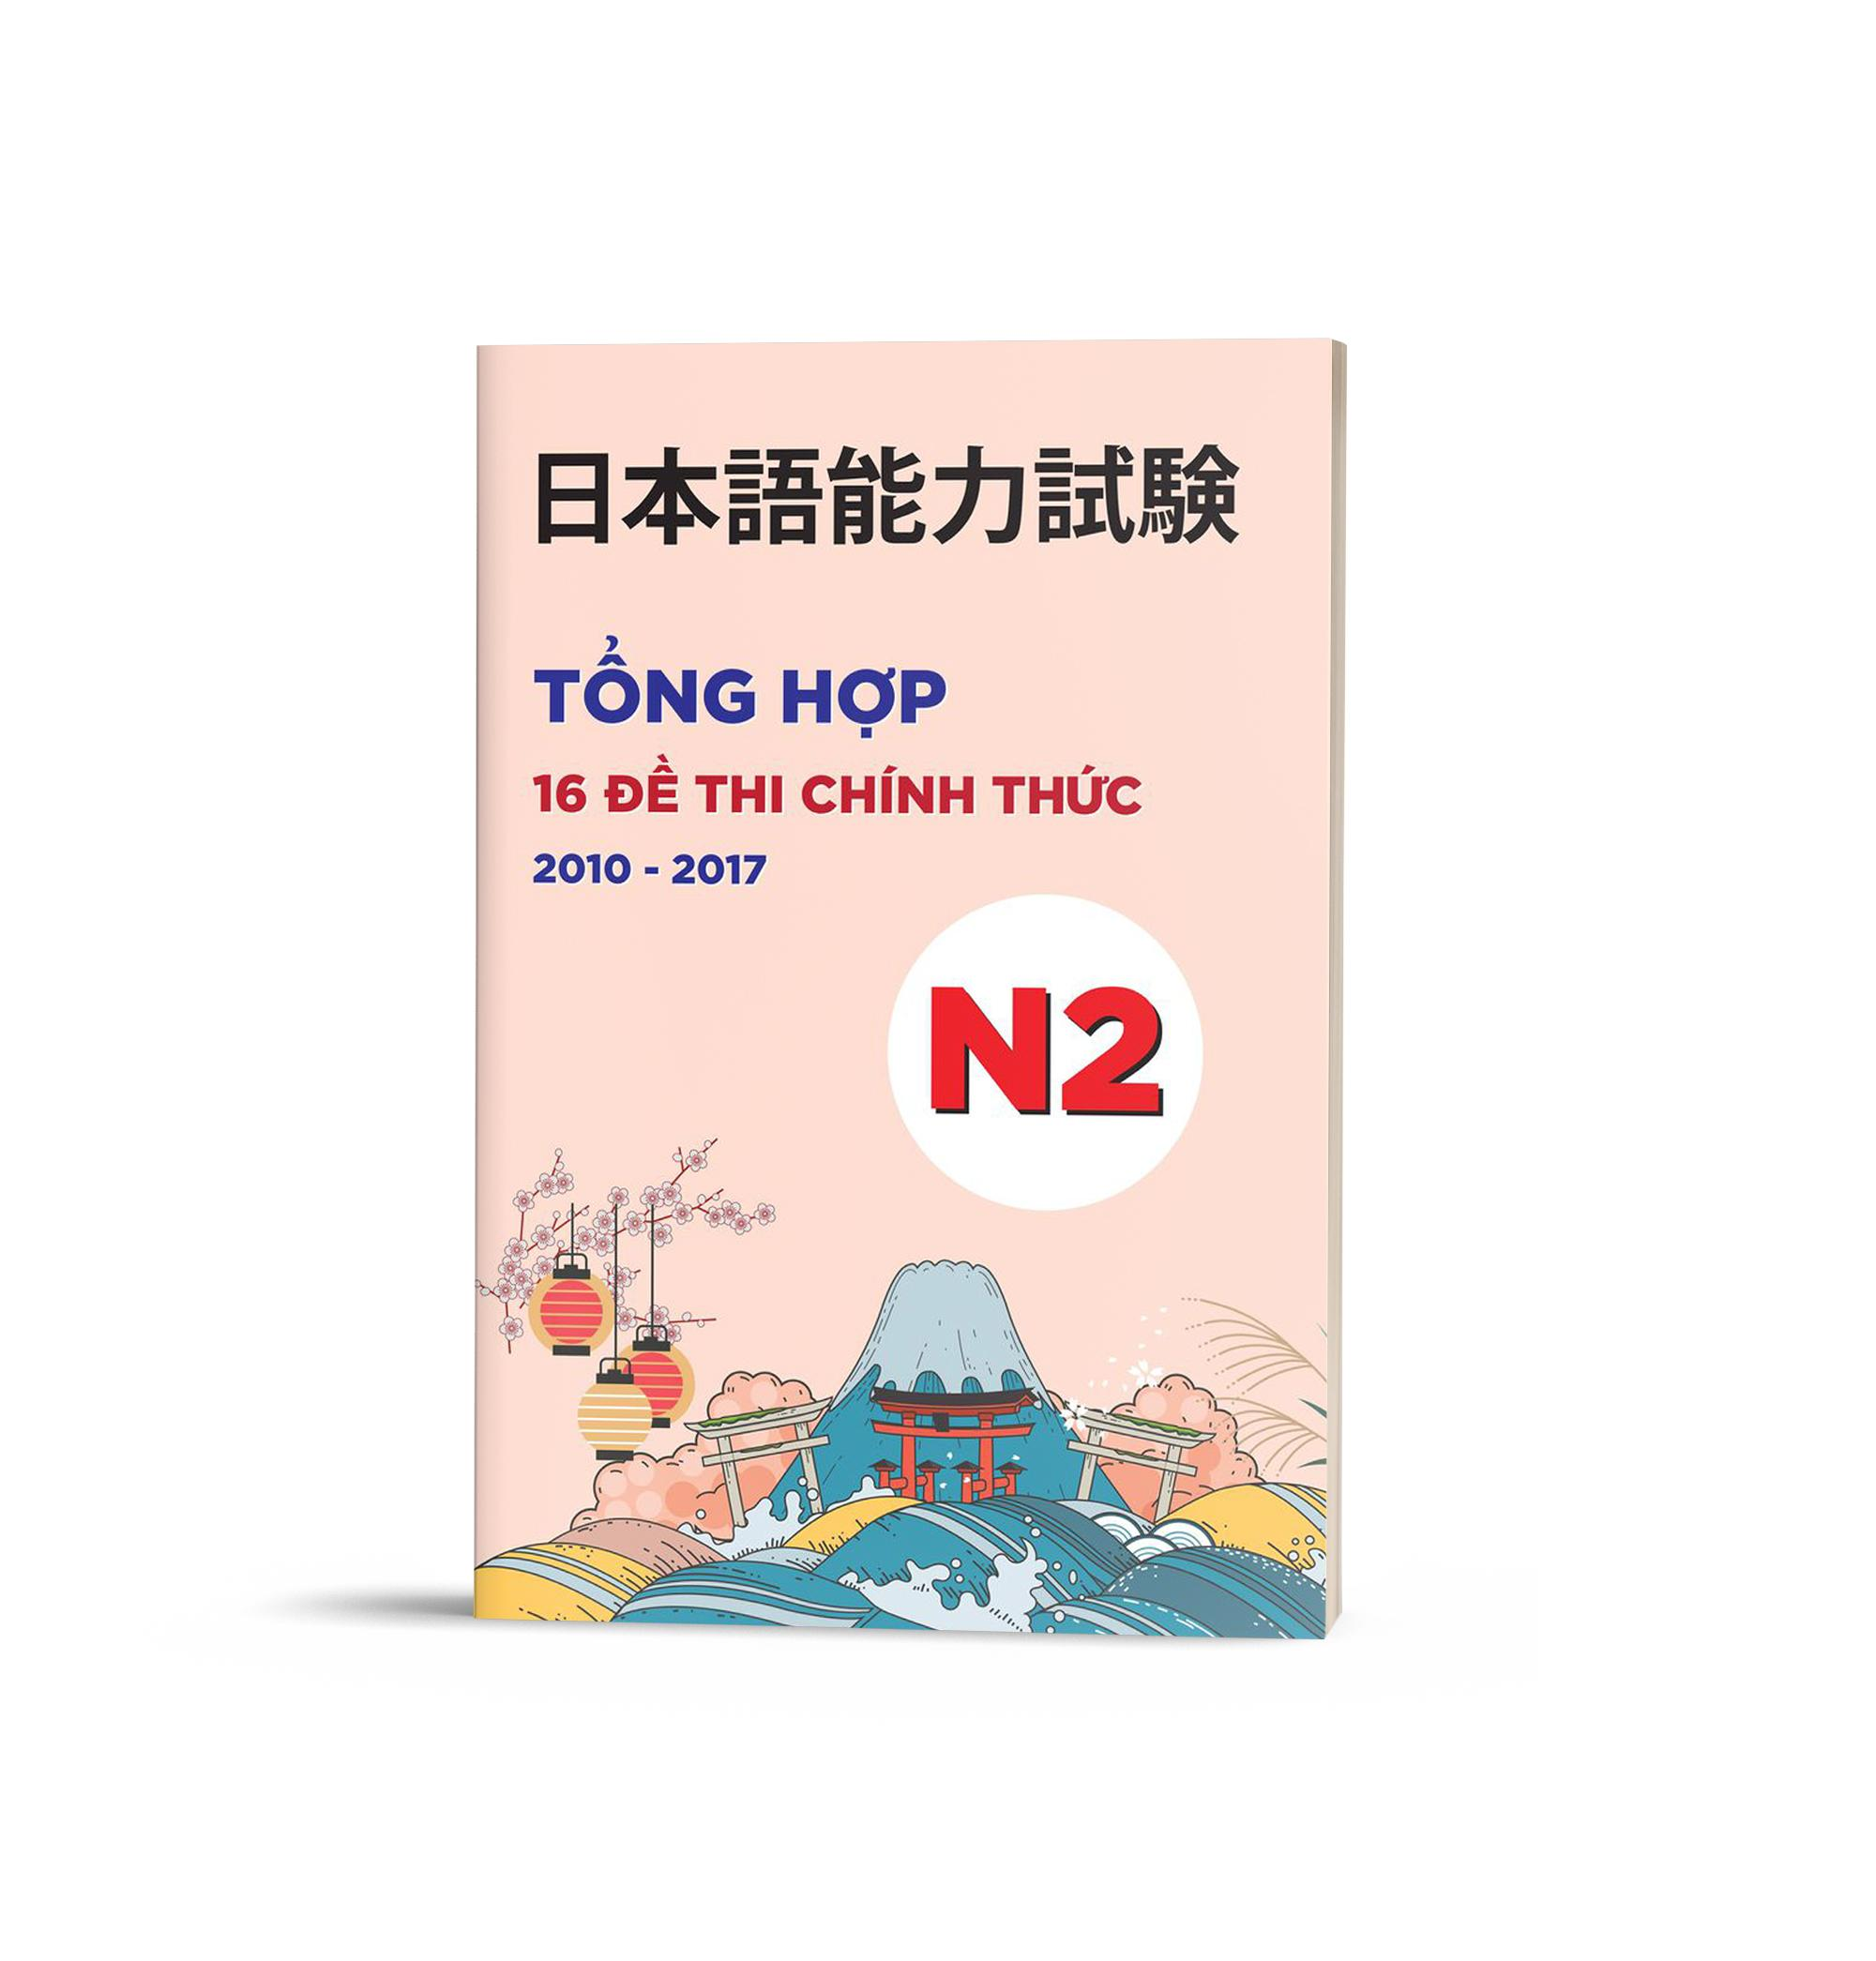 Mã Tiết Kiệm Để Mua Sắm Tổng Hợp đề Thi Chính Thức N2 (2010-2017)- Kèm CD